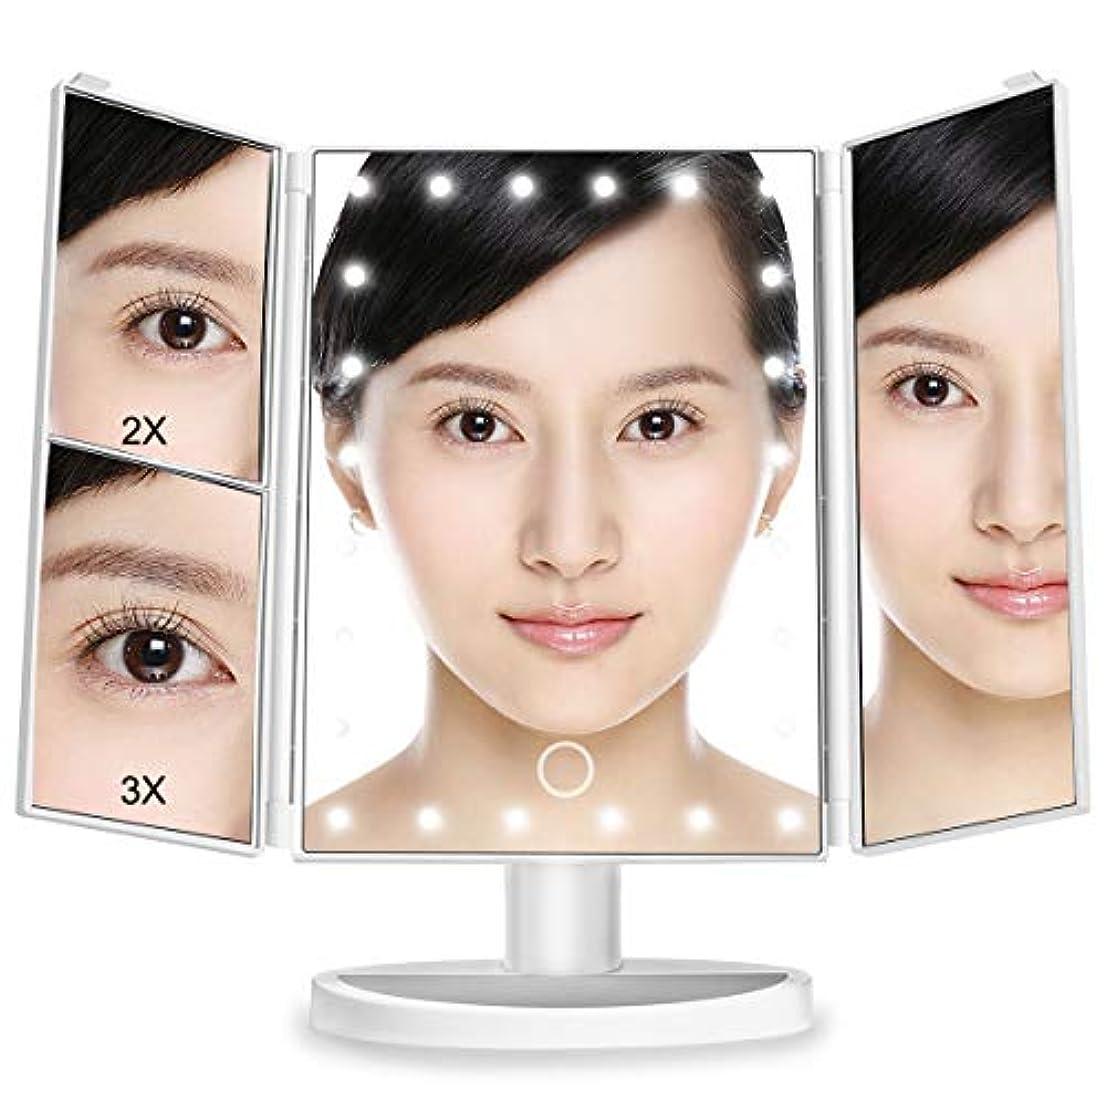 私たち自身伝統振る女優ミラー 三面鏡 鏡 led 卓上鏡 化粧鏡 化粧ミラー 鏡 折りたたみ式 ledライト付き 明るさ調整可能 2&3倍拡大鏡付 180 °回転 電池&USB 2WAY給電